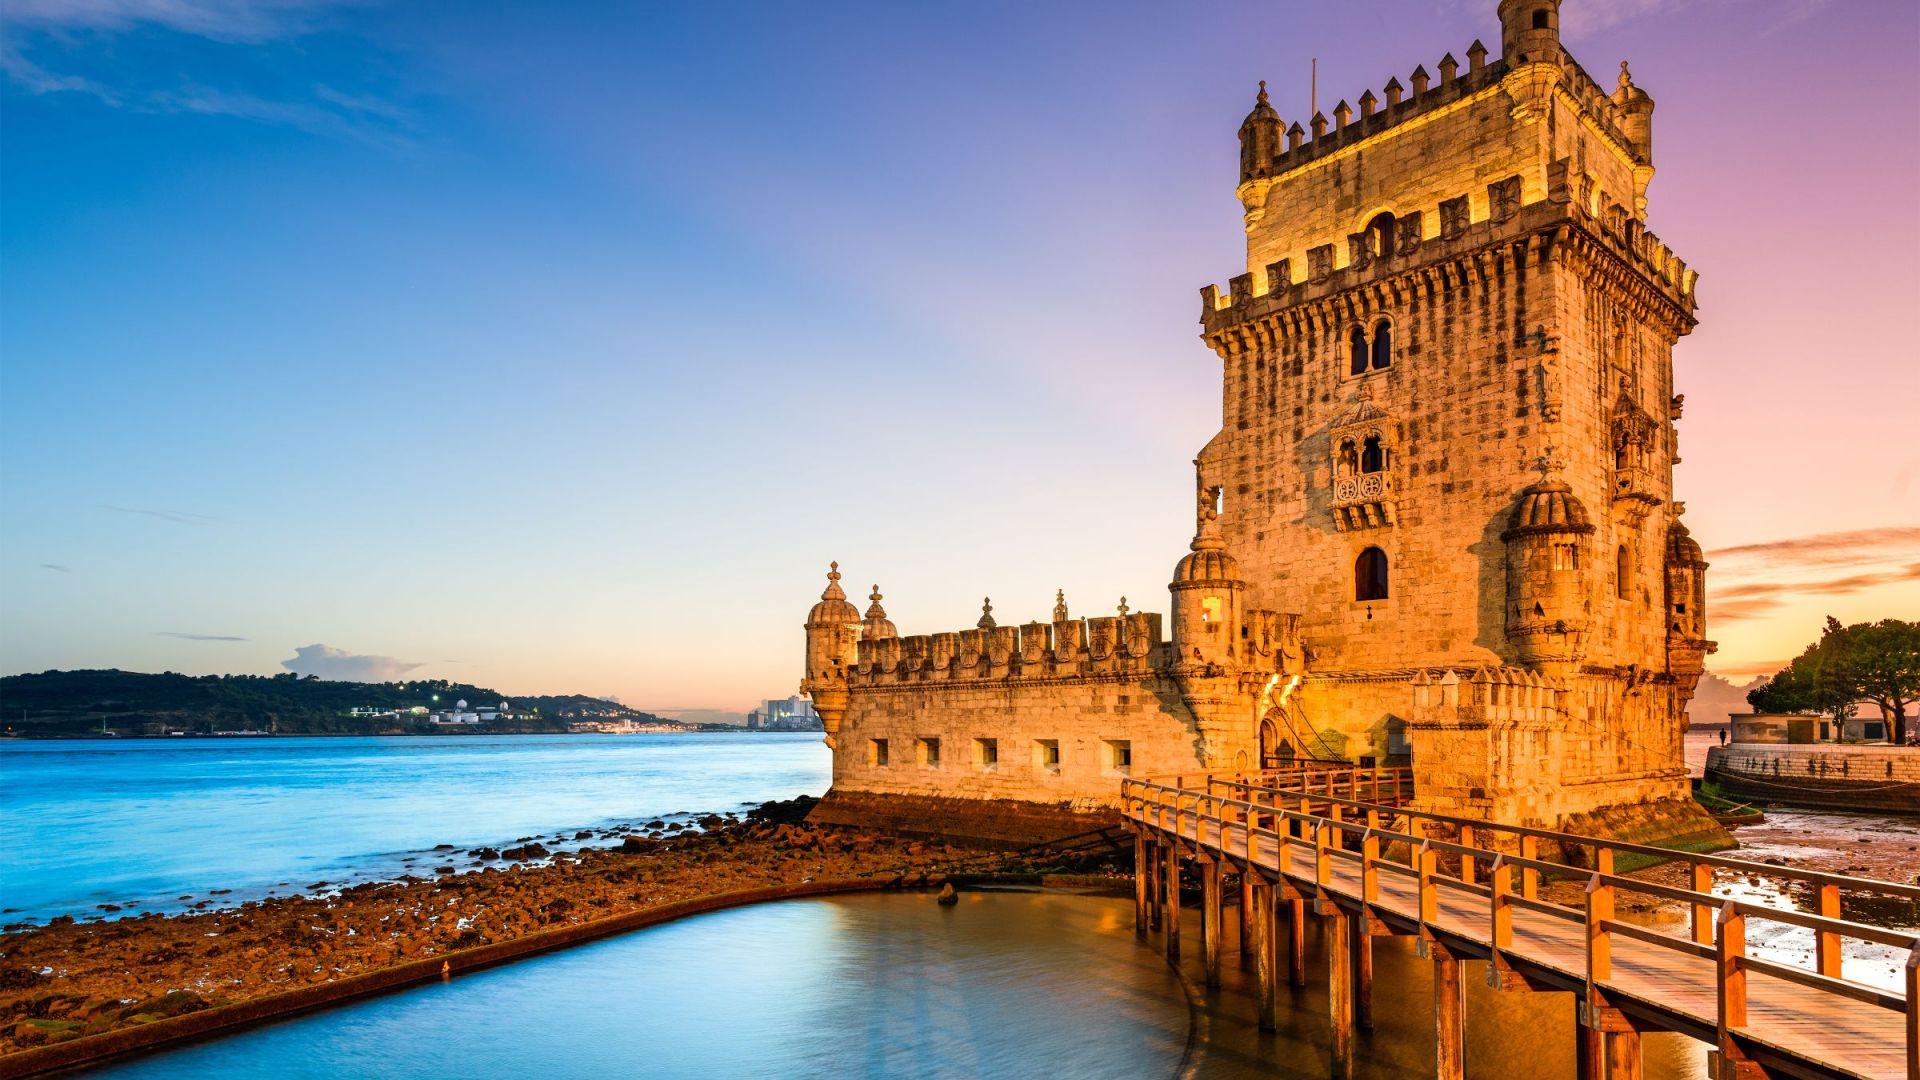 De Belem Toren in Lissabon